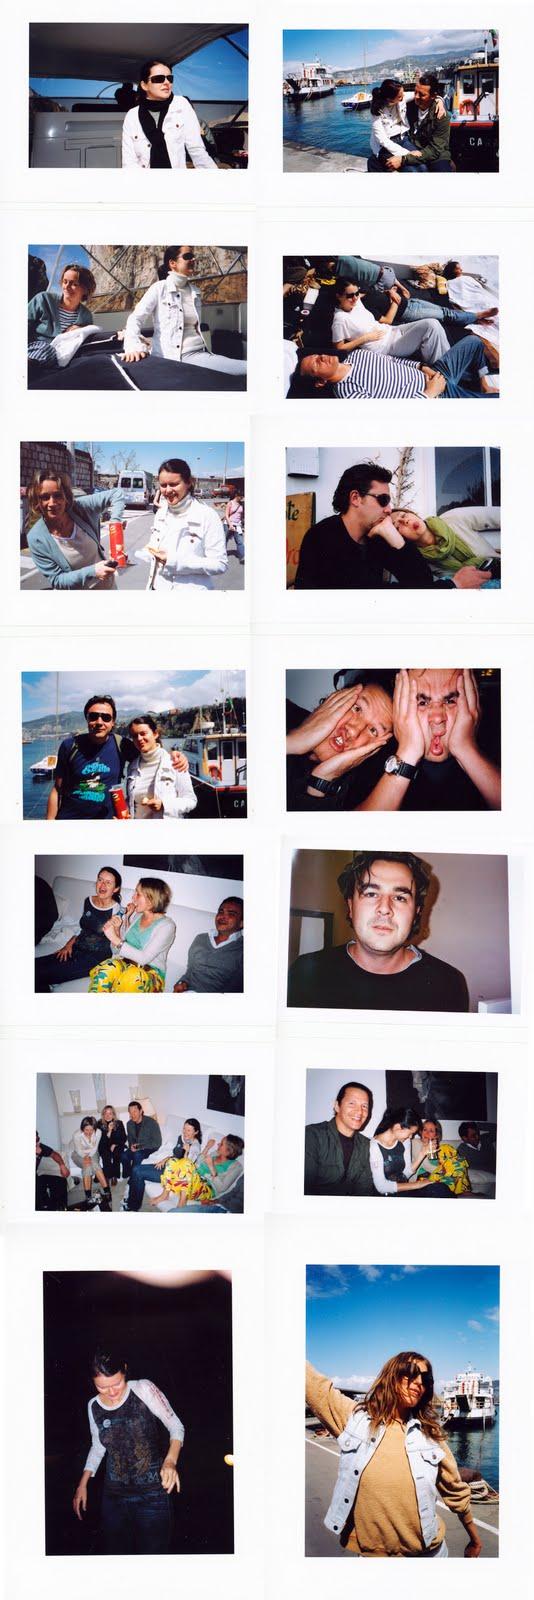 http://3.bp.blogspot.com/_FplRL99sLj8/THqsfKQeO4I/AAAAAAAAC5s/Exsw6O9jveE/s1600/Corinne:Capri.jpg